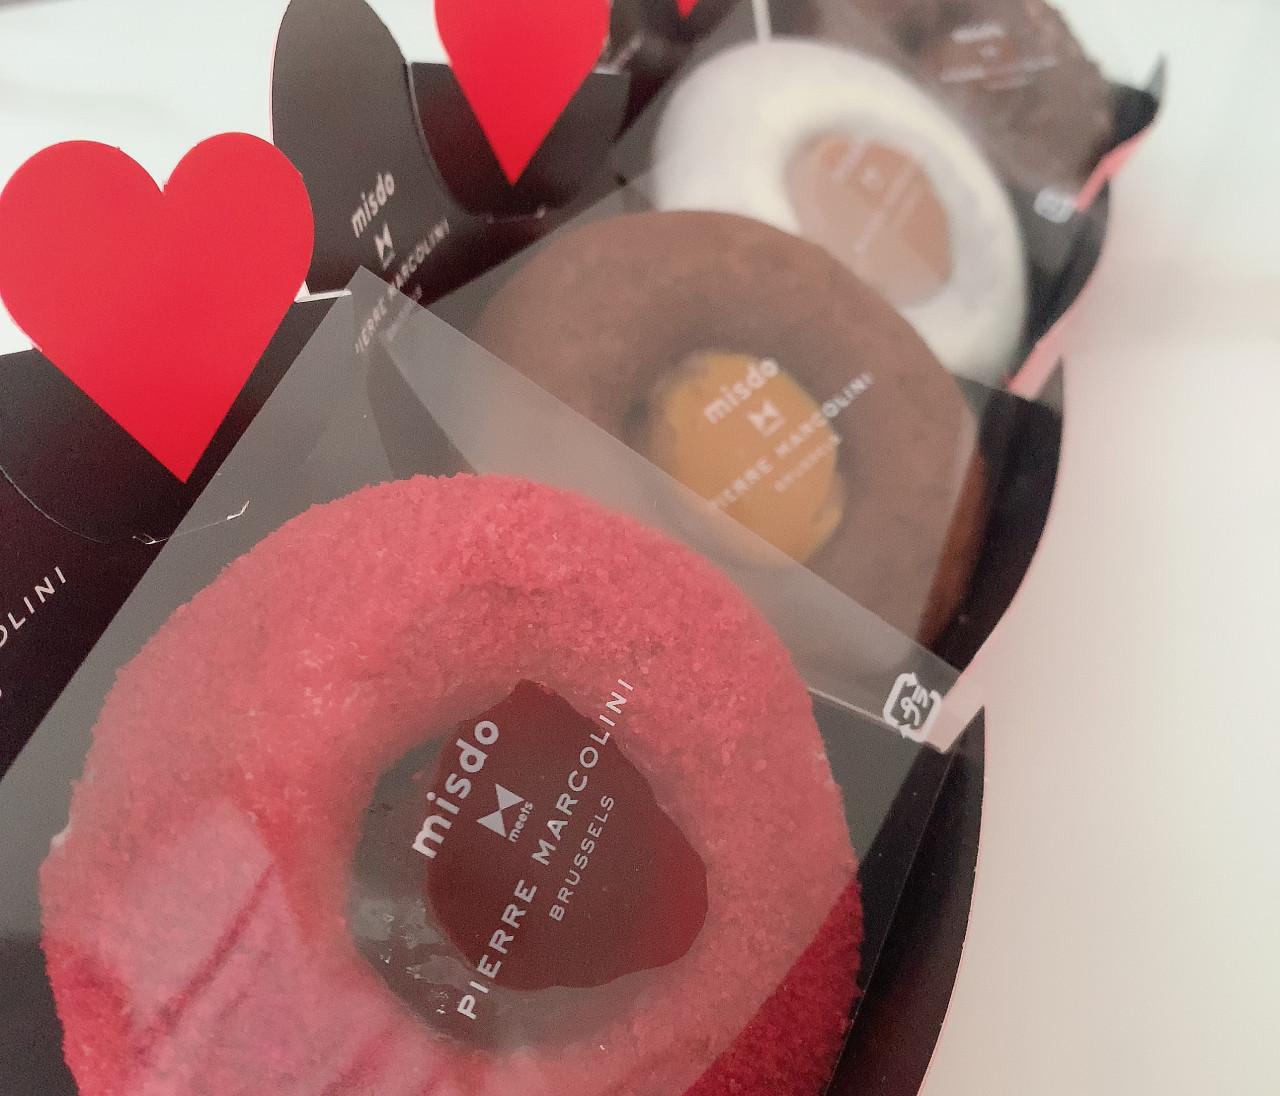 【ミスド×ピエールマルコリーニ】ショコラコレクション全6種